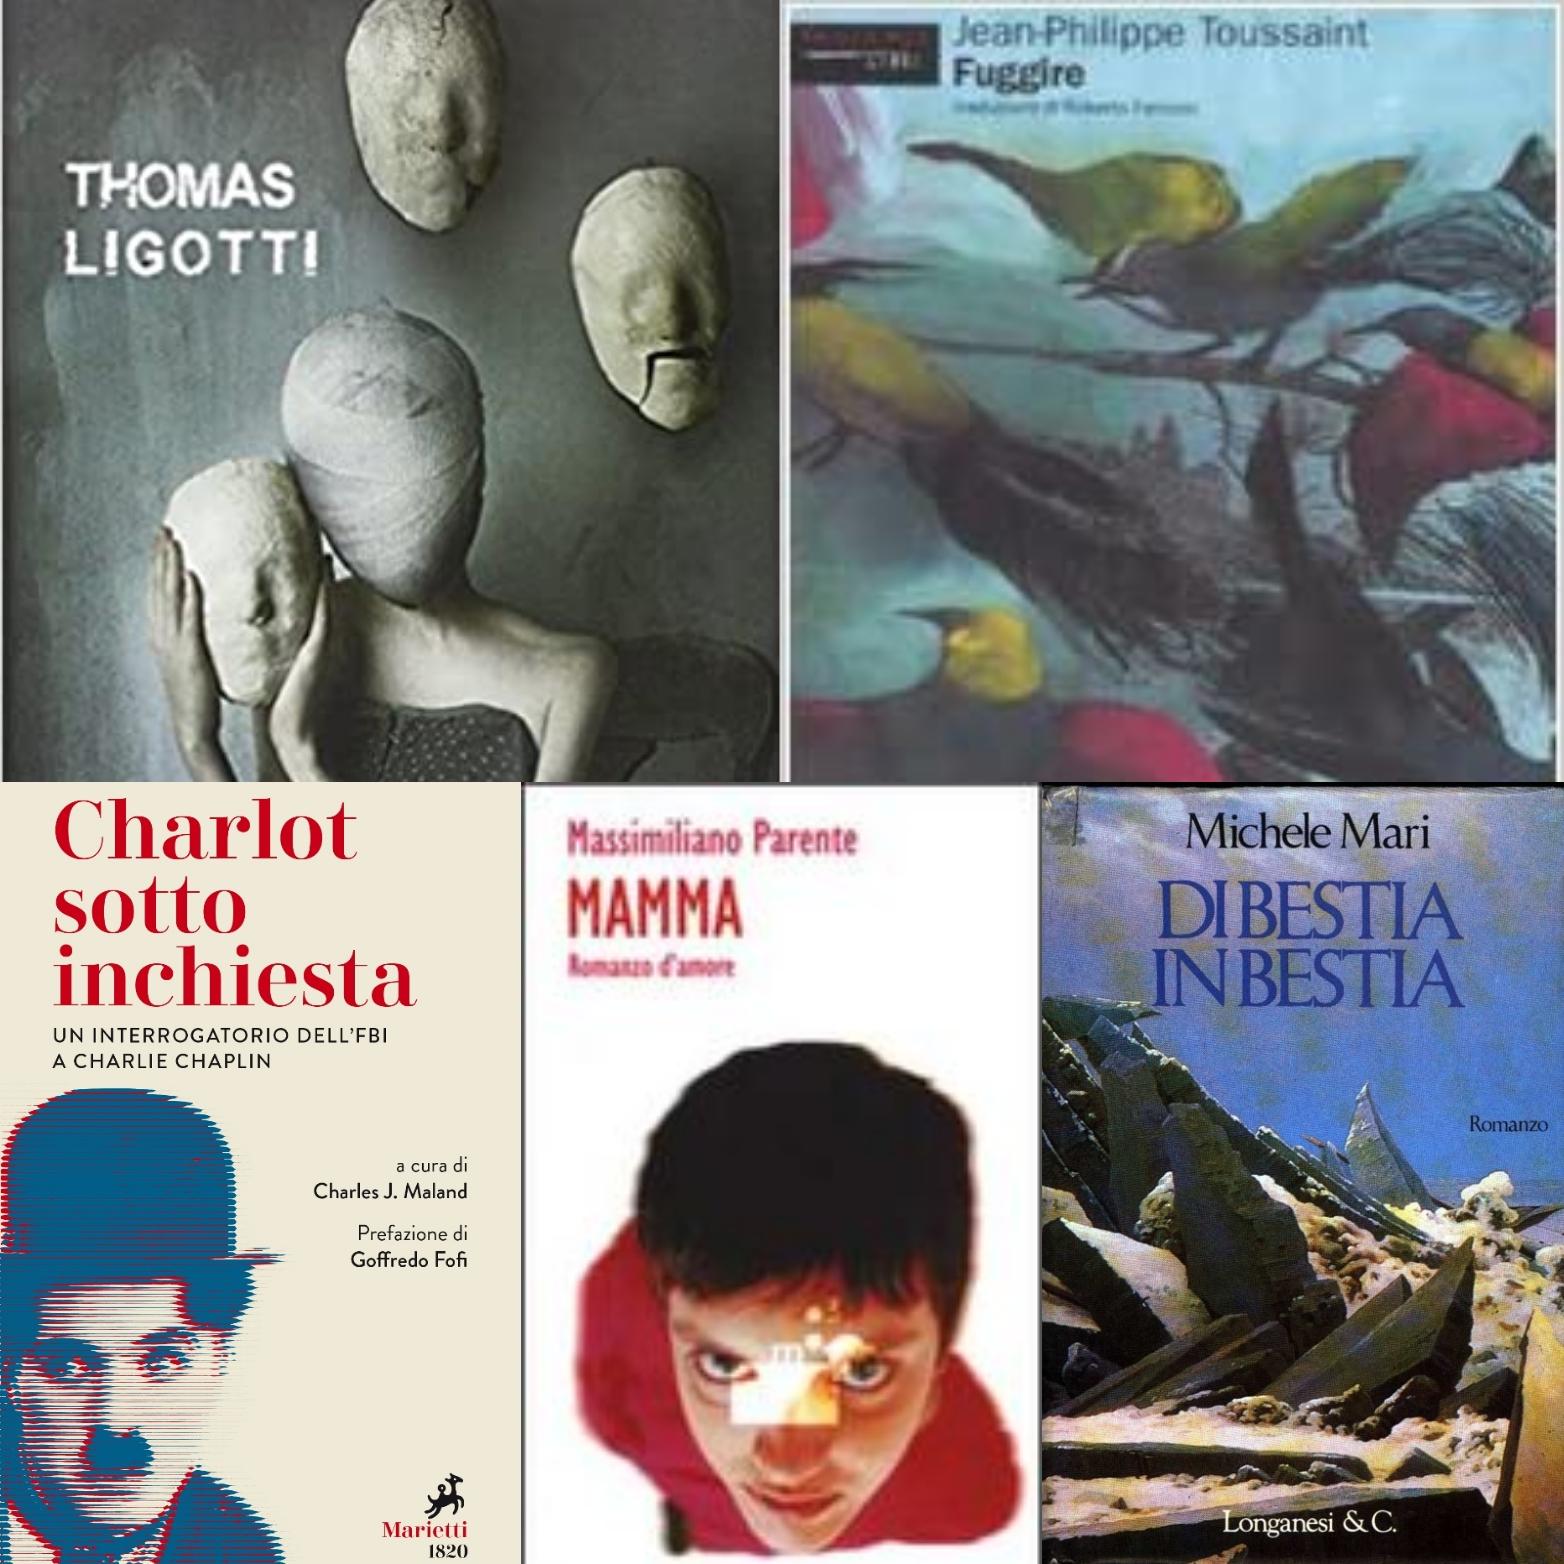 5 libri da leggere dopo il Covid-19 per ripartire alla grande!